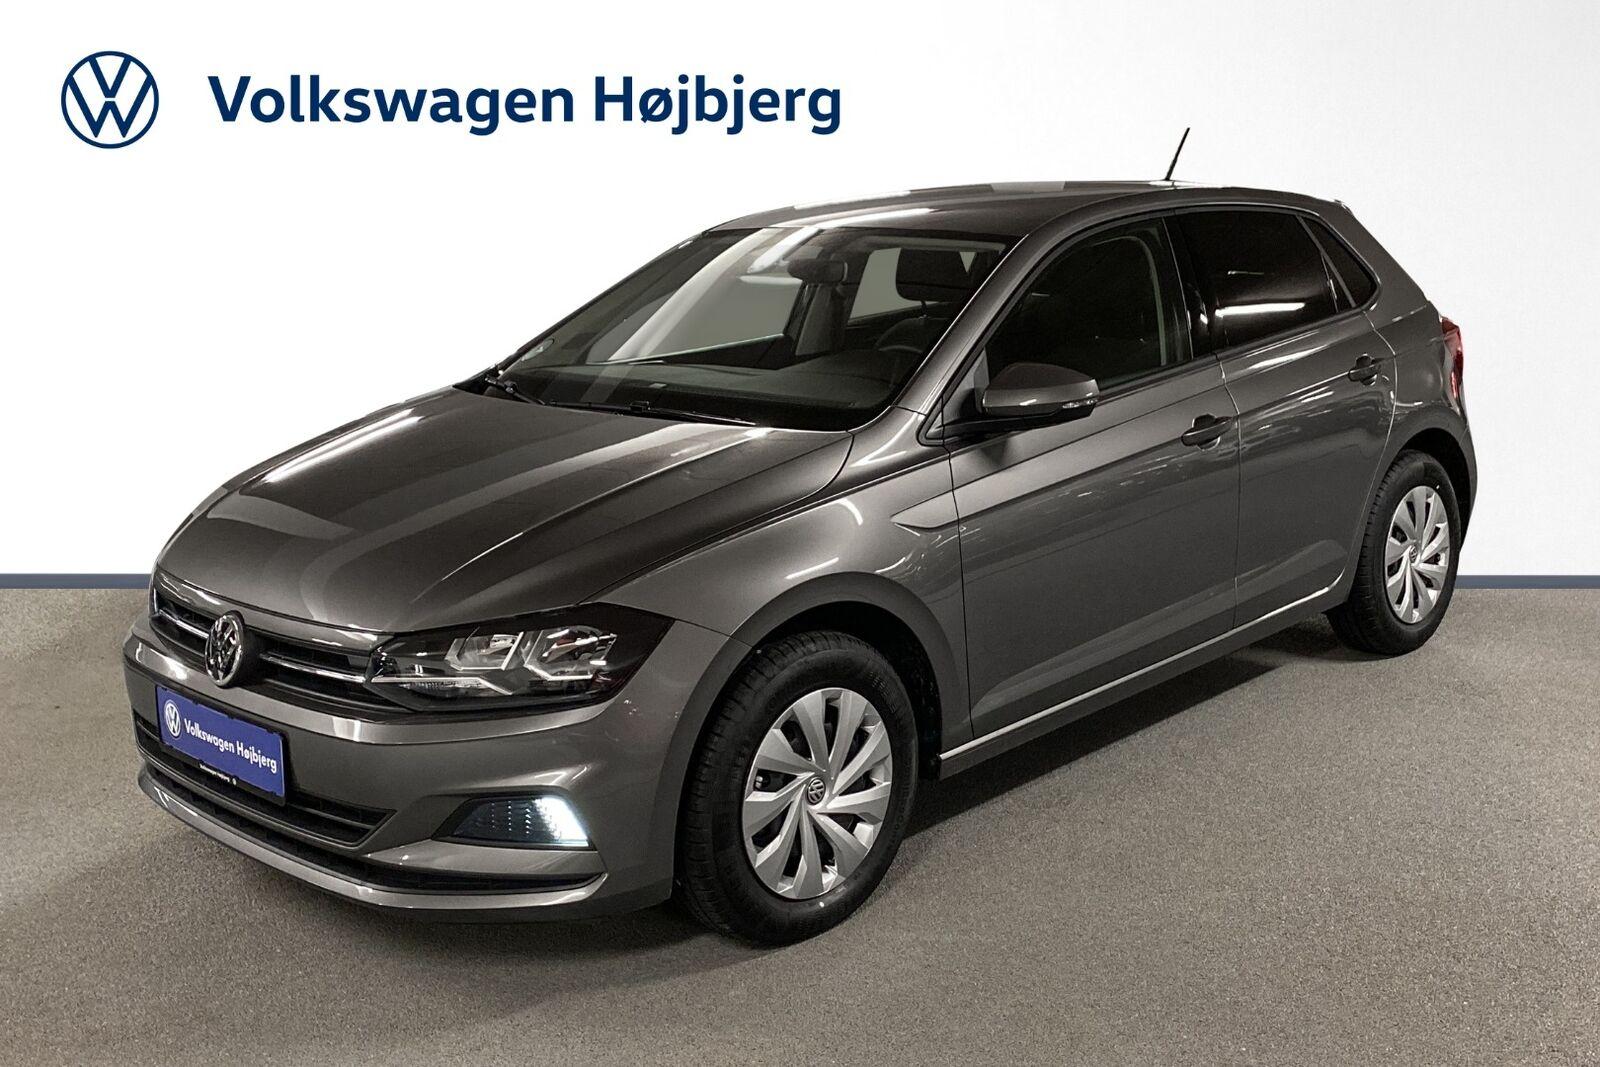 VW Polo 1,0 TSi 95 Comfortline+ DSG 5d - 199.900 kr.